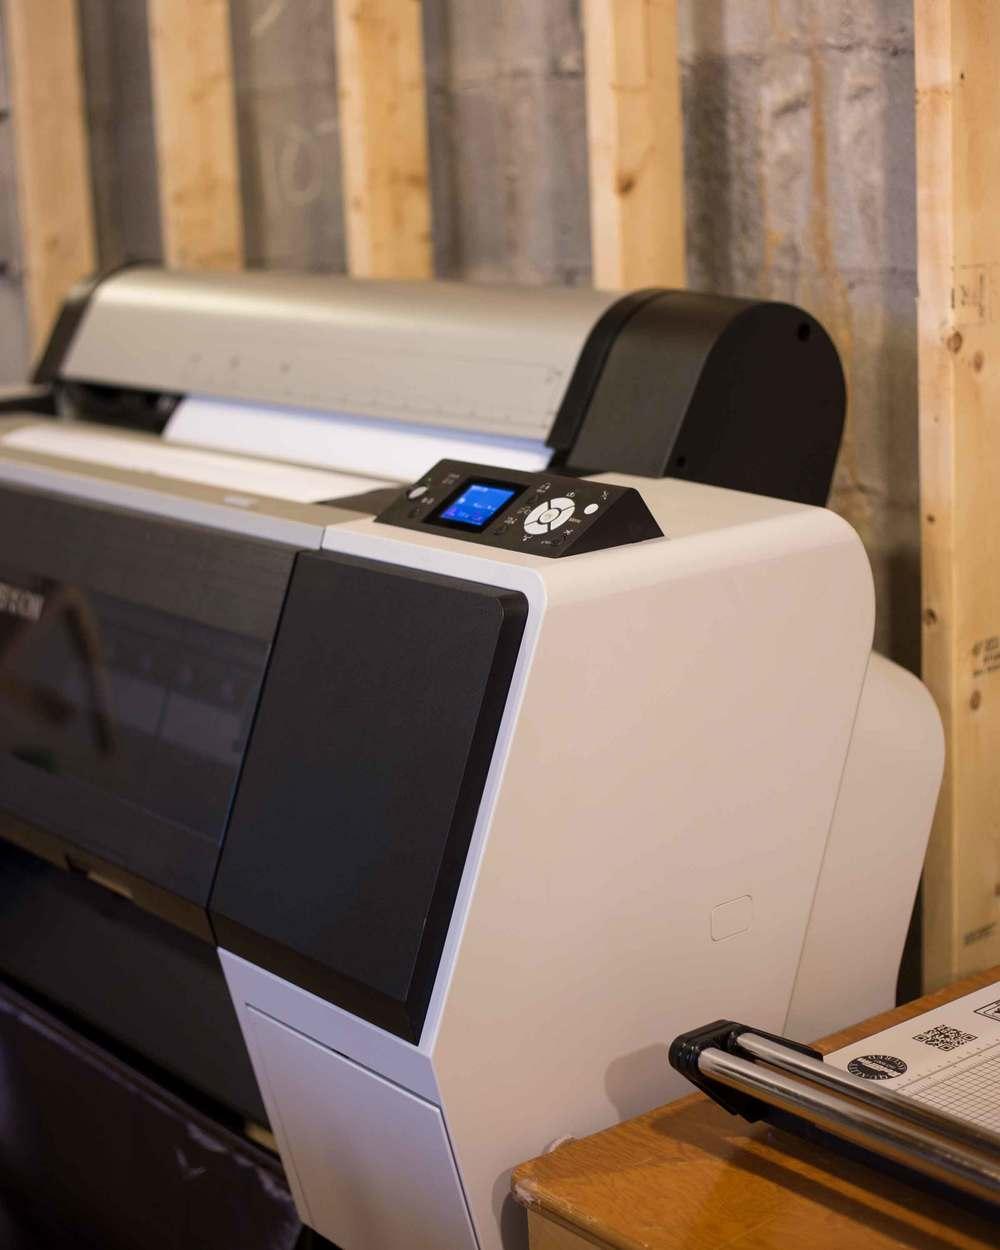 Printer-02-w.jpg